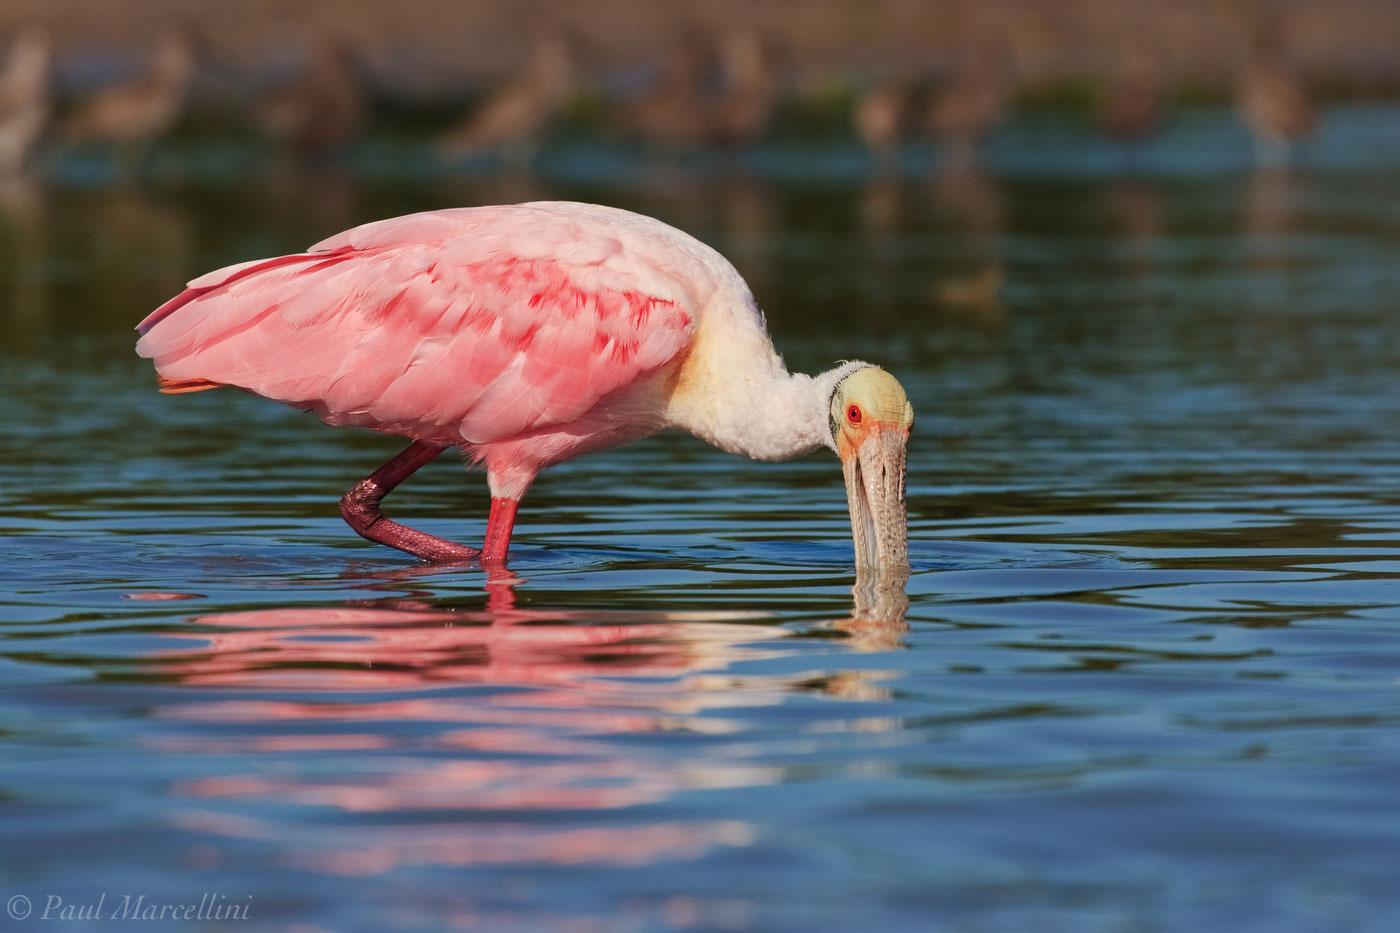 Platalea ajaja, roseate spoonbill, everglades, florida bay, photo